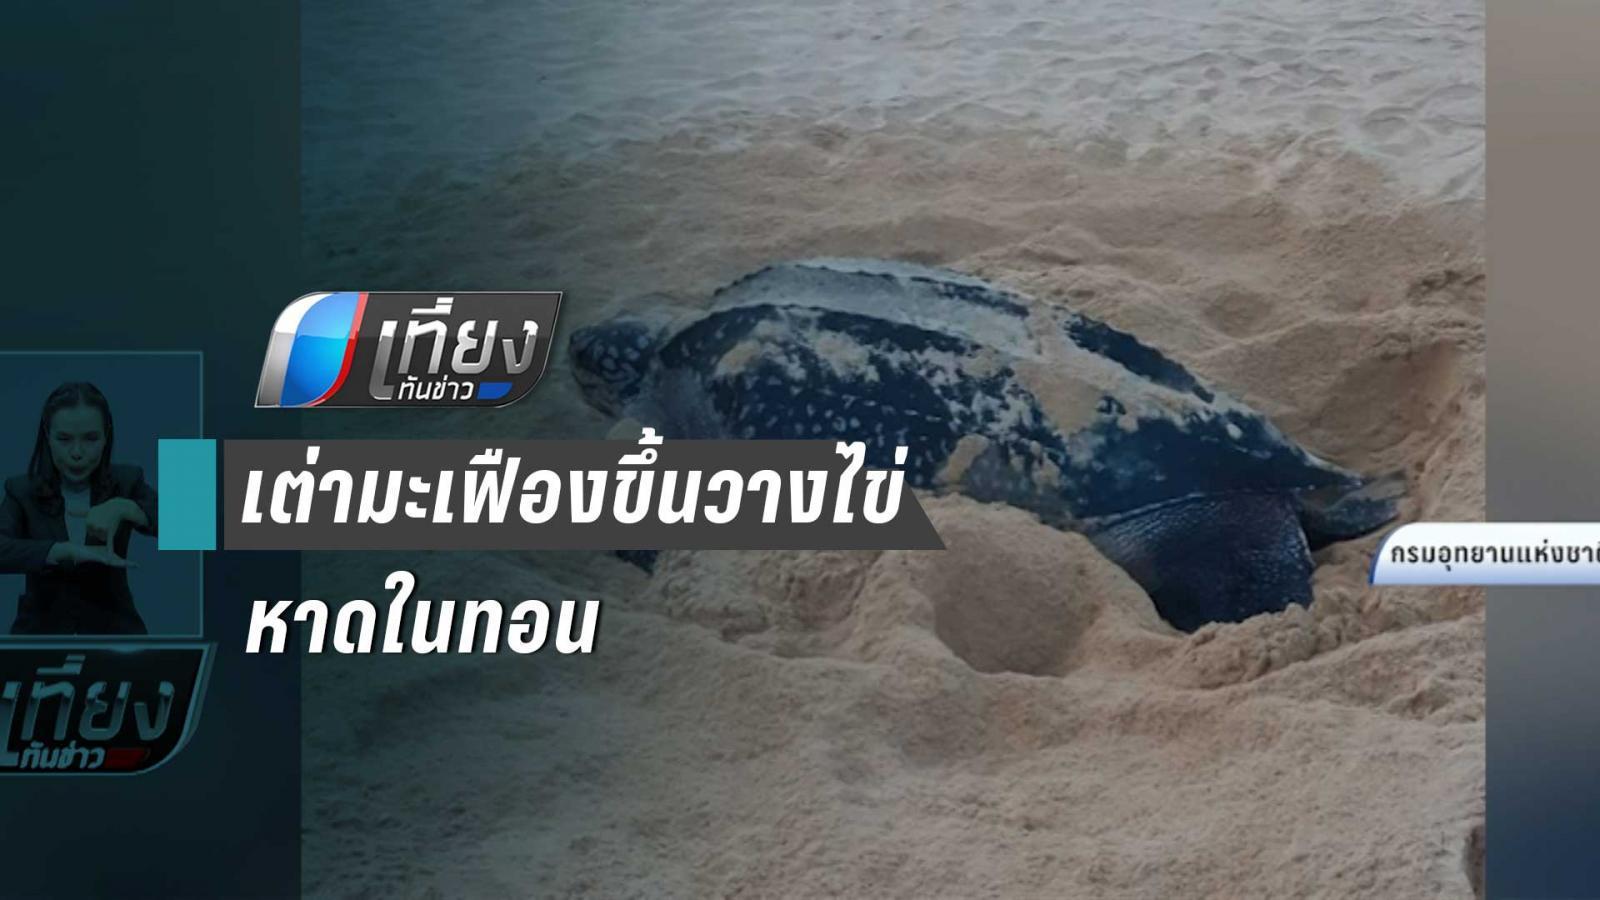 แม่เต่ามะเฟืองขึ้นวางไข่หาดในทอน จ.ภูเก็ต 111 ฟอง จนท.เตรียมย้ายไปที่ปลอดภัย